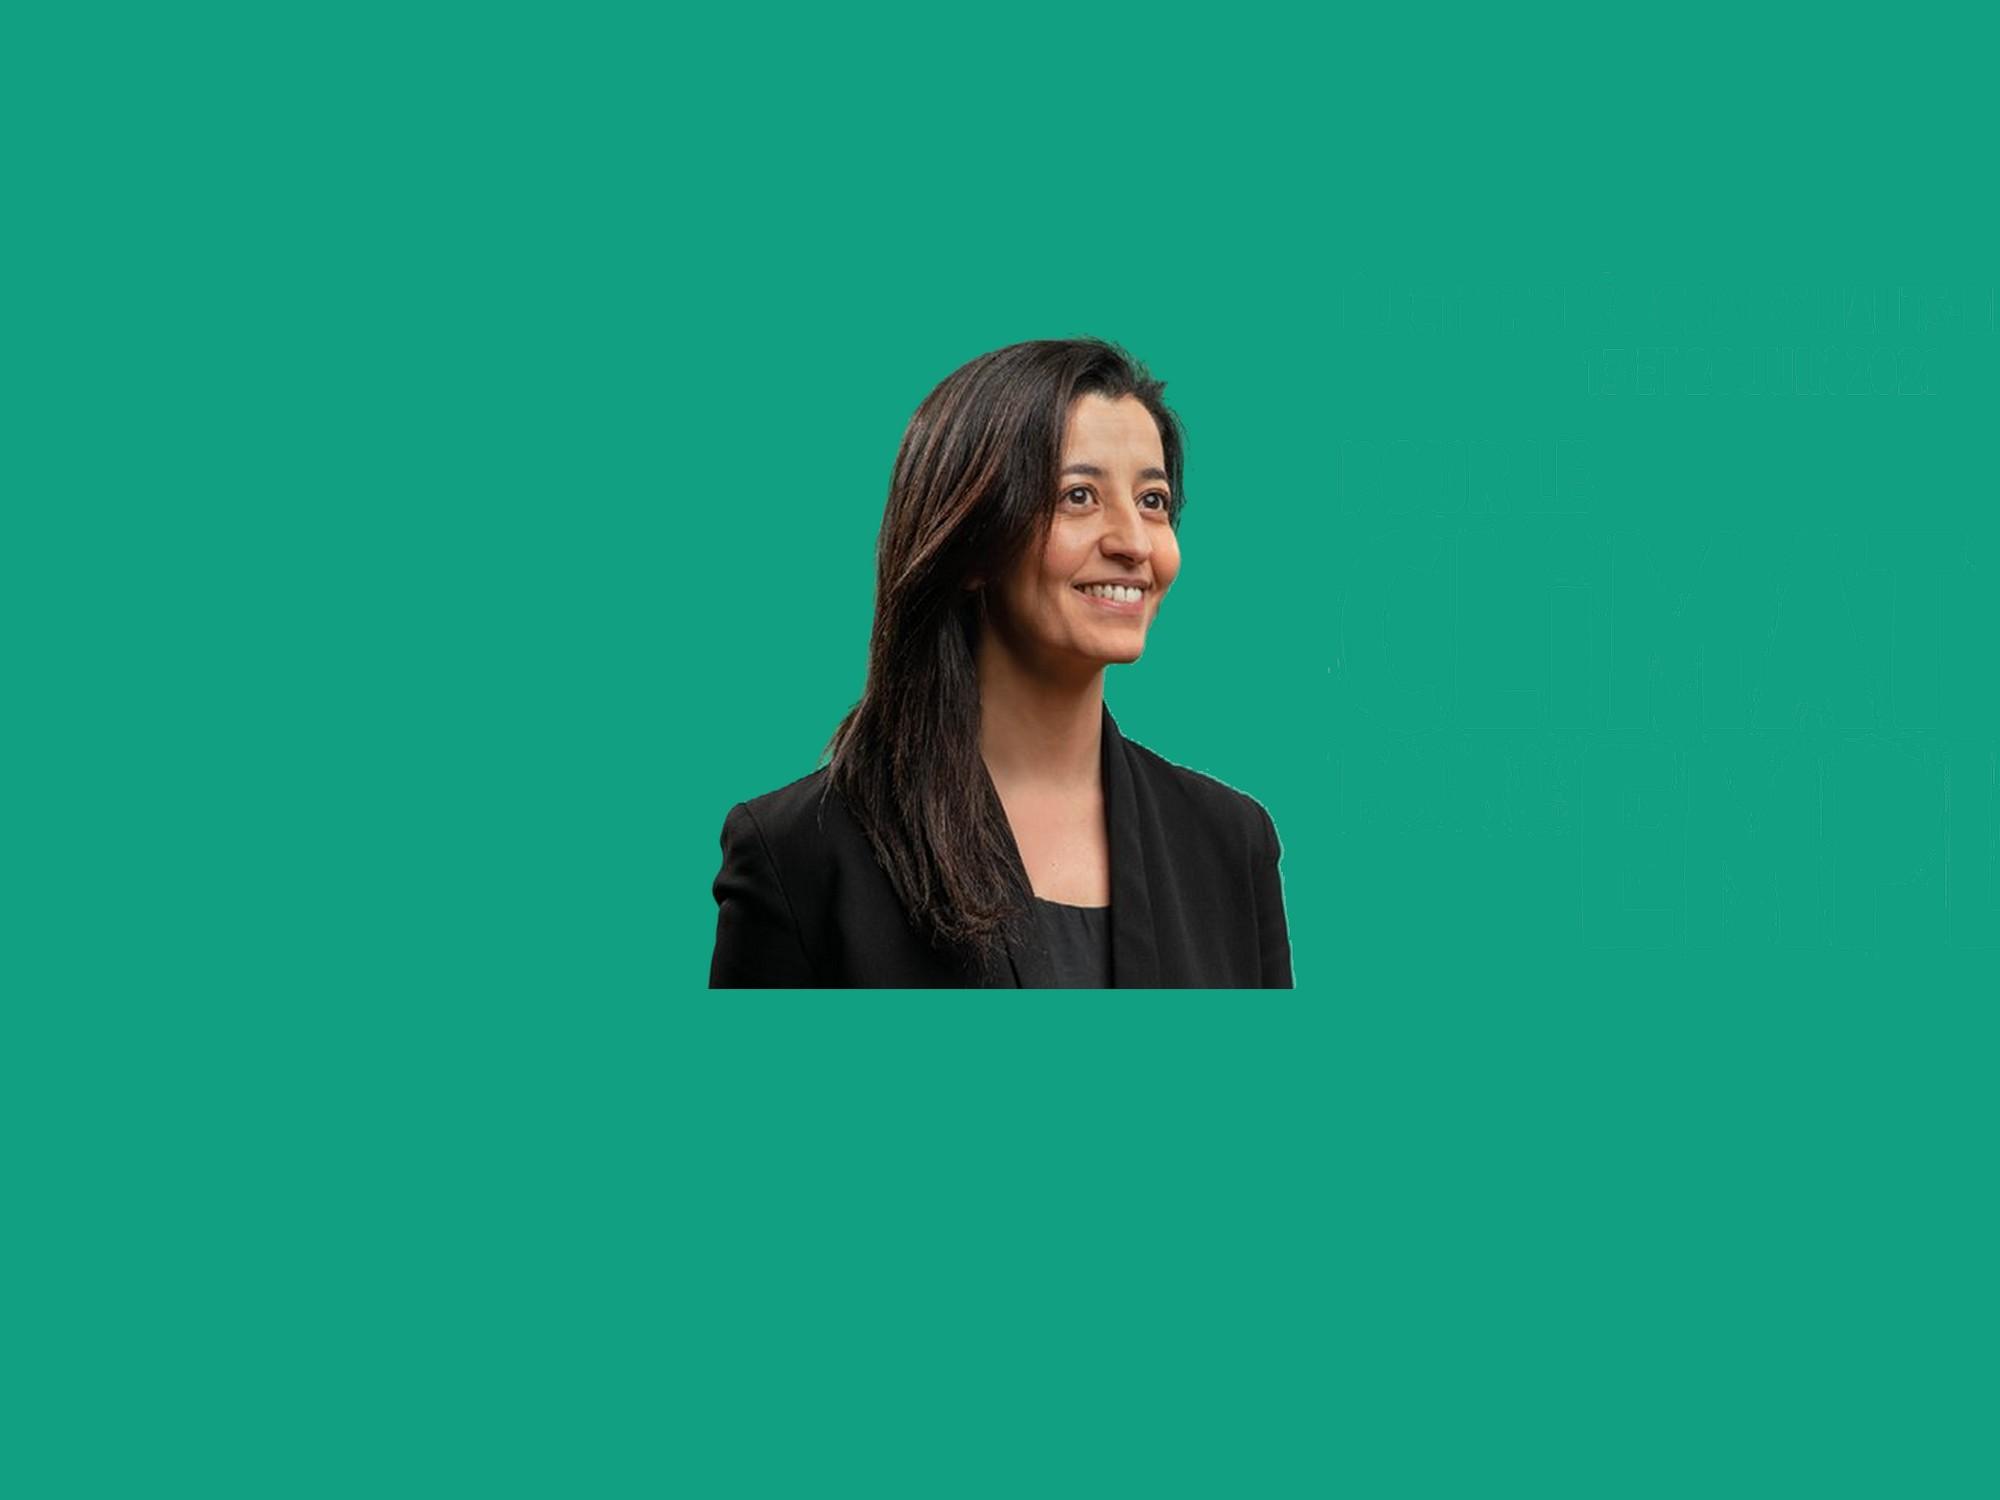 [RÉGIONALES] Début de campagne pour Karima Delli, cheffe d'Union de la gauche